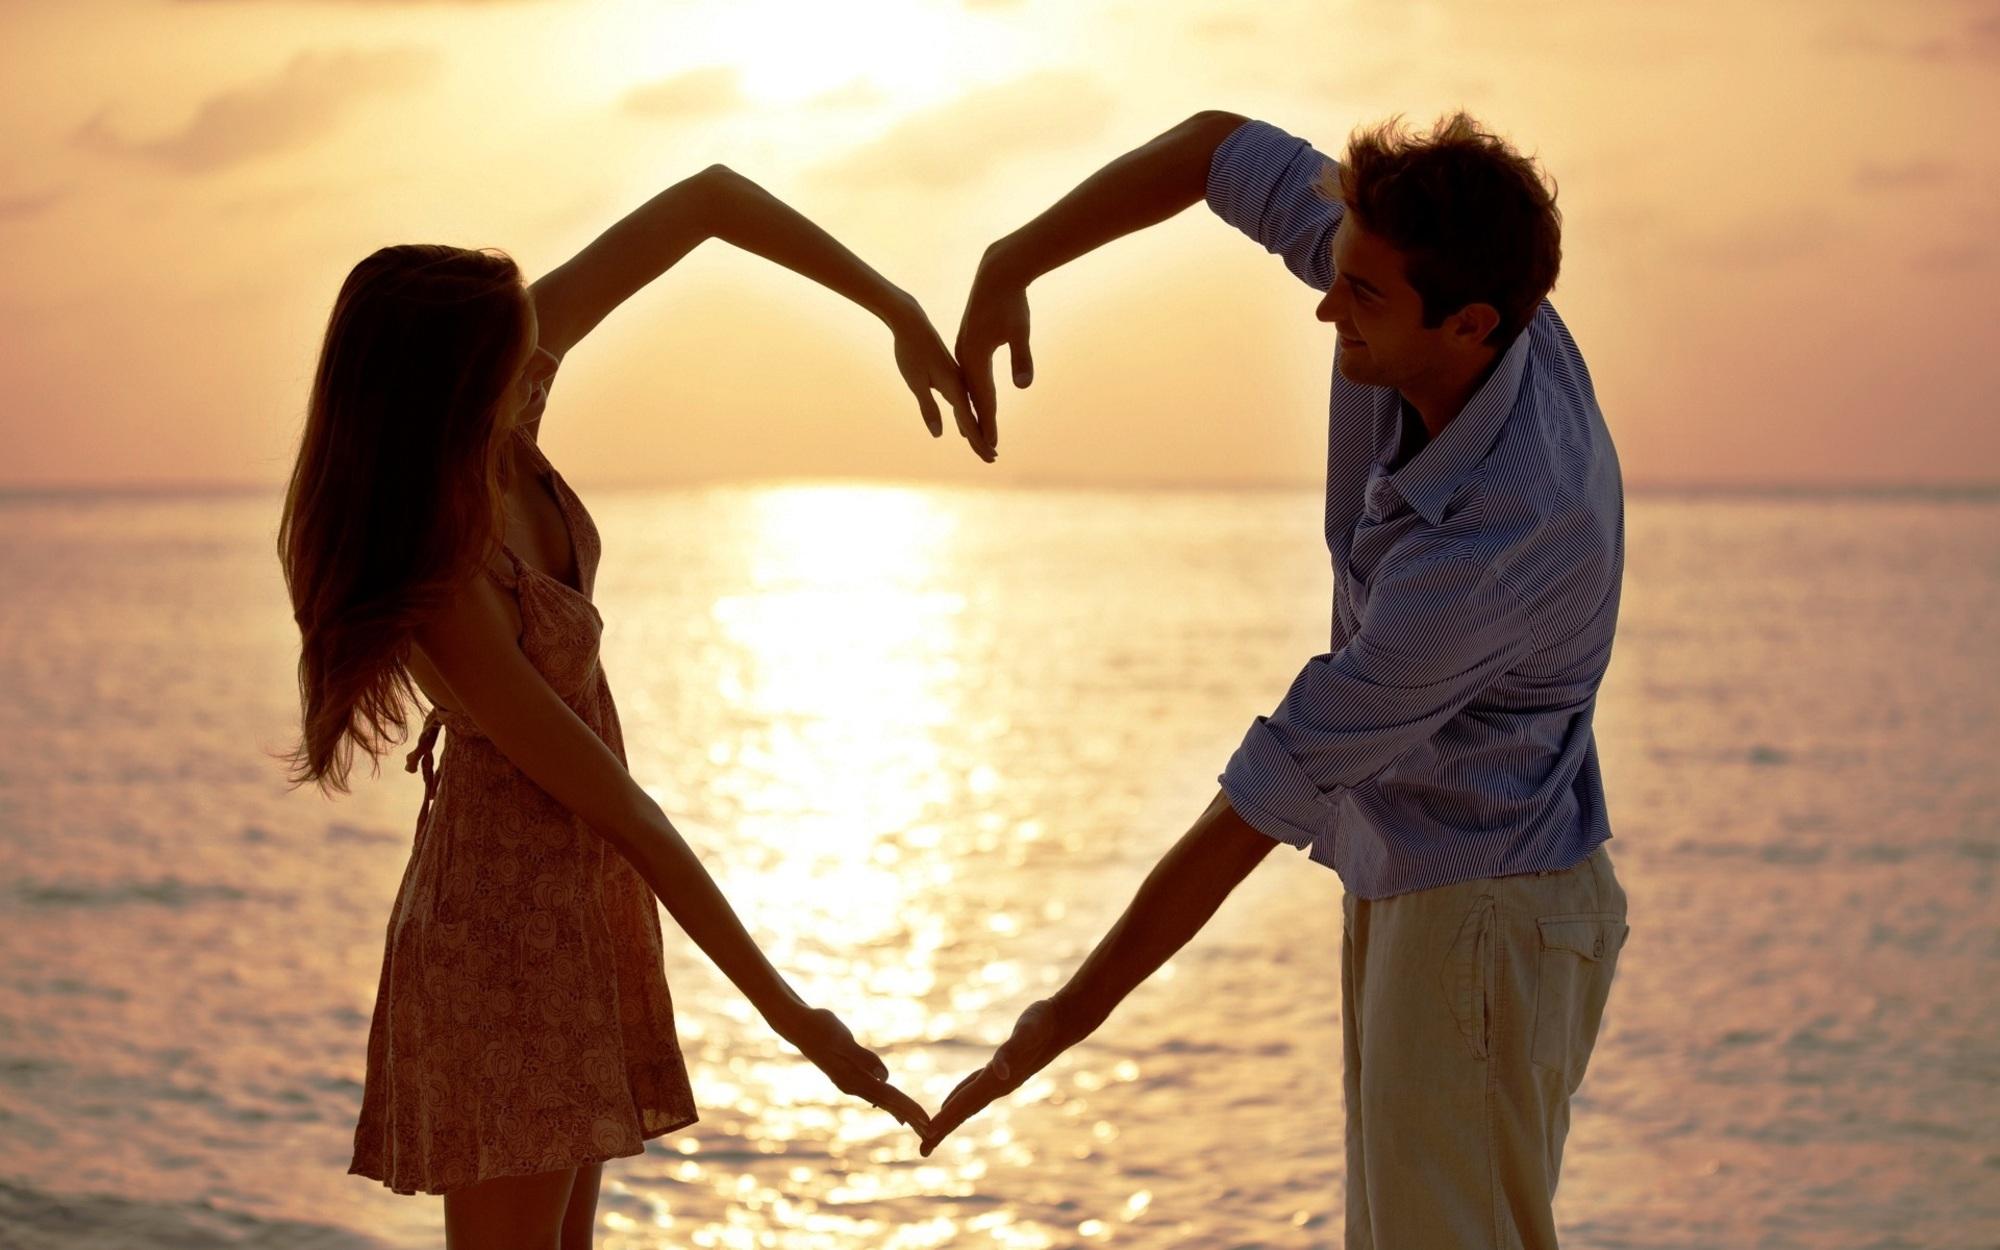 الصفات التي يحبها الرجل في المرأة قبل الزواج